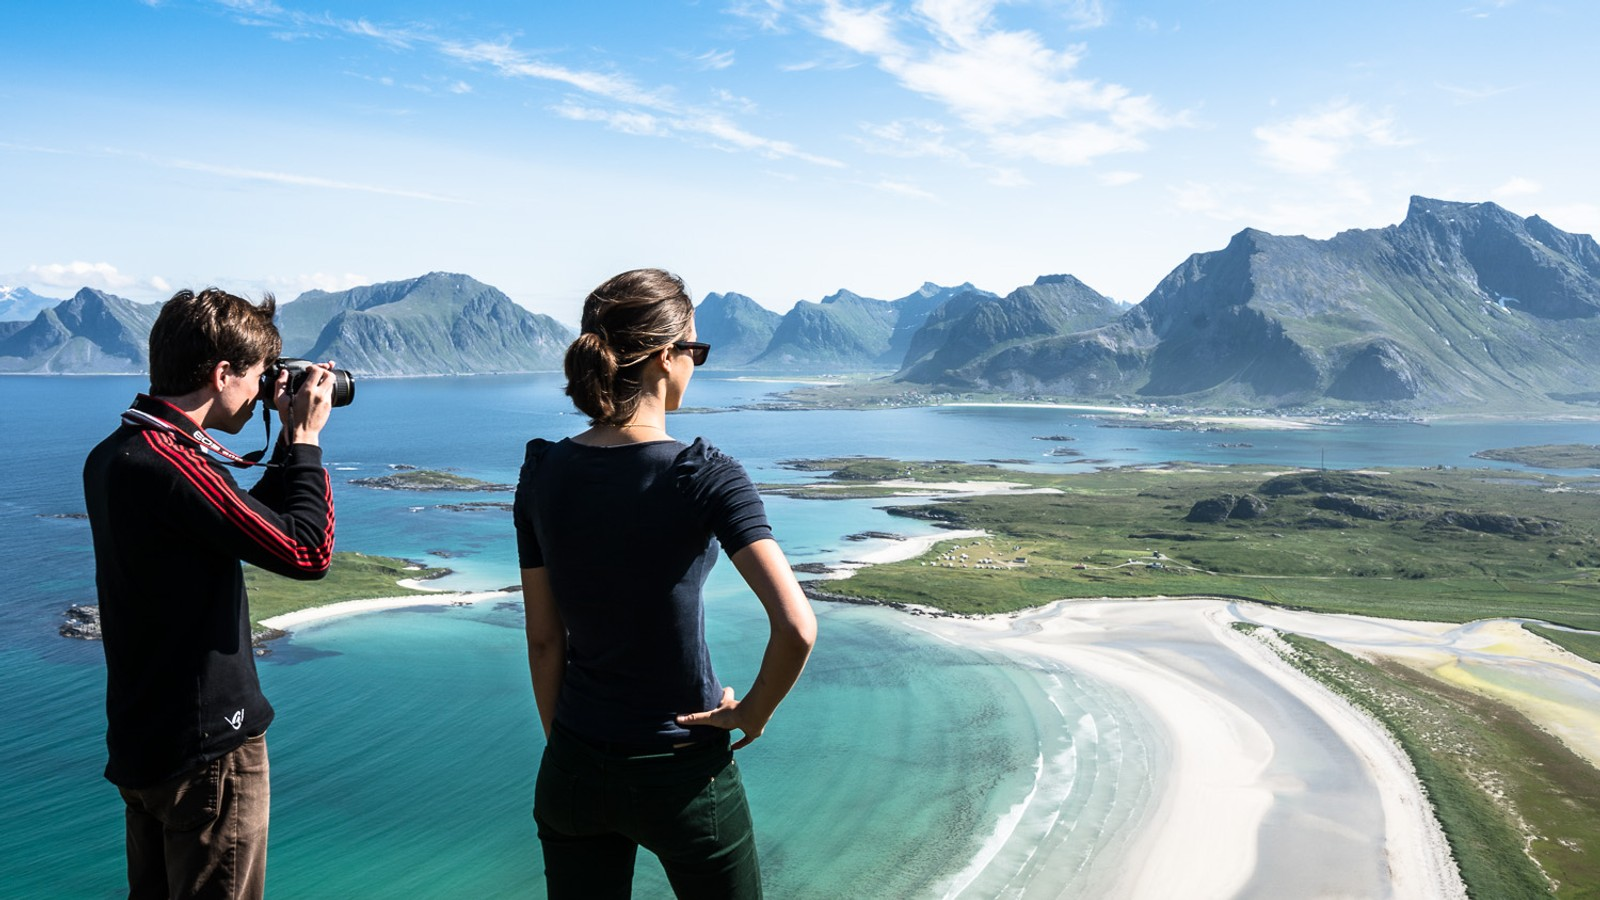 I dag strømmer turister til Lofoten, og de liker både fjellene og strendene. Her er et par franskmenn.